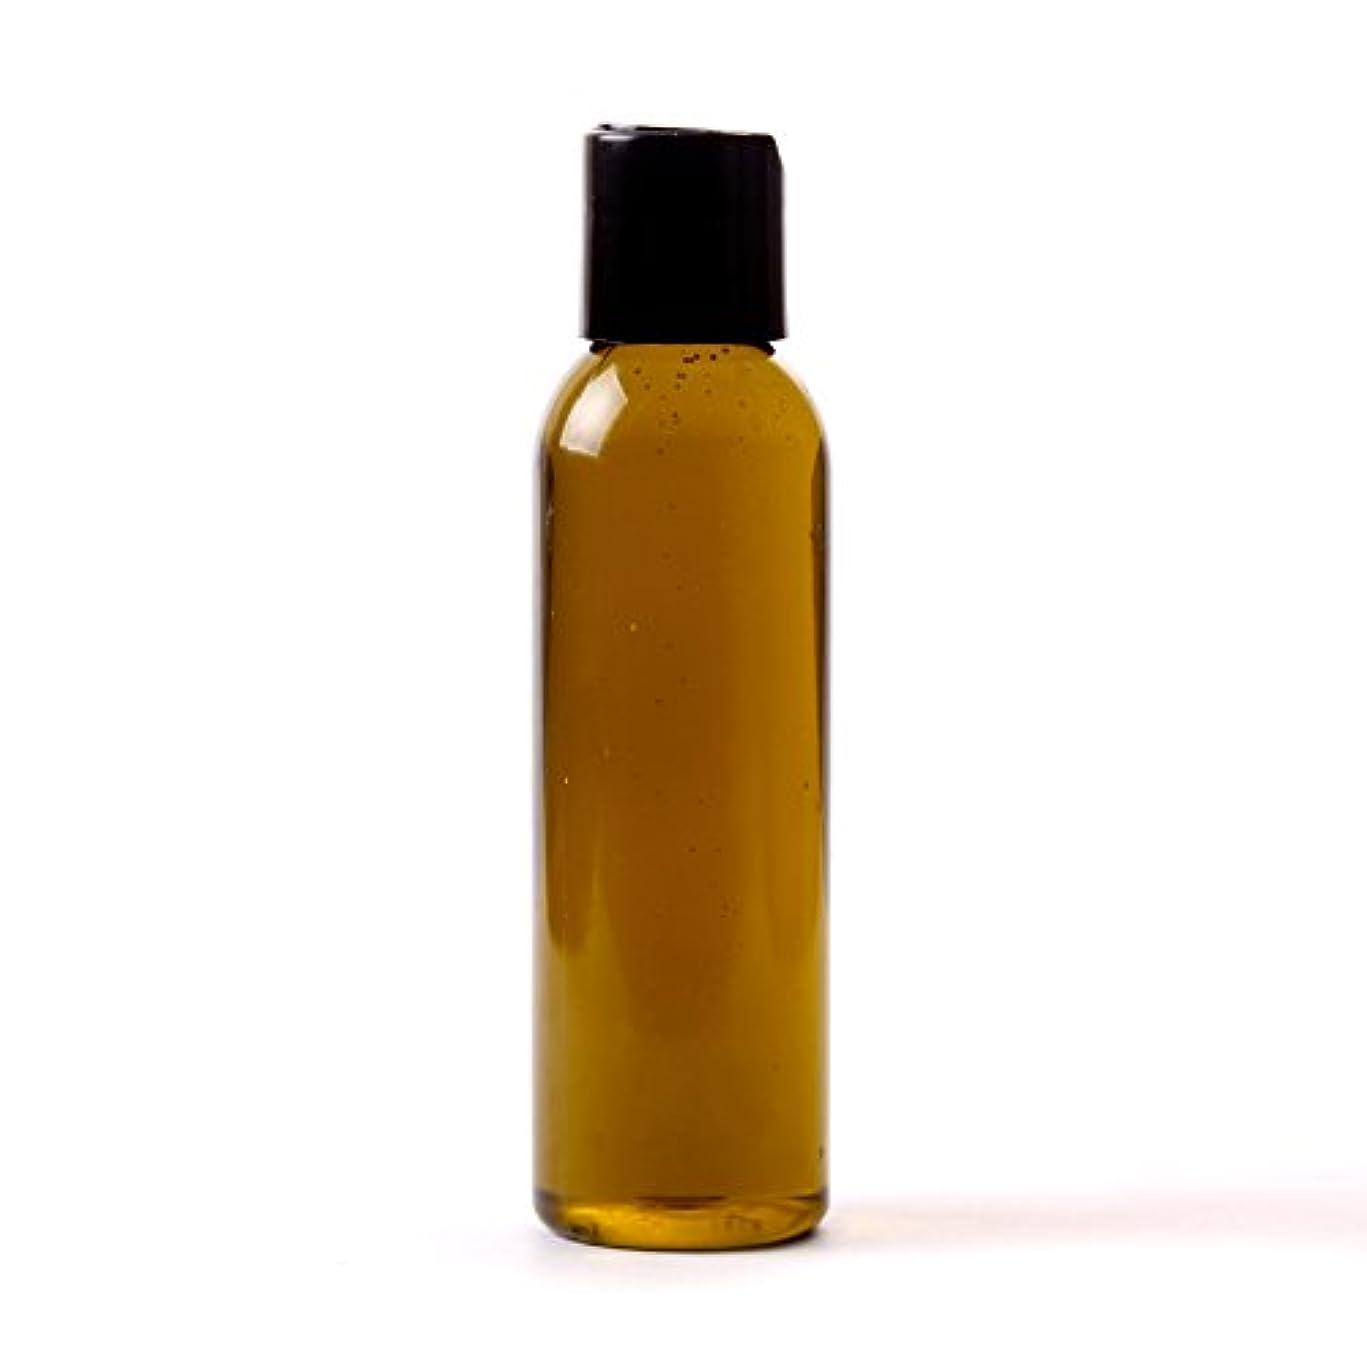 体系的に欠乏スキャンMystic Moments | Broccoli Seed Virgin Oil - 125ml - 100% Pure